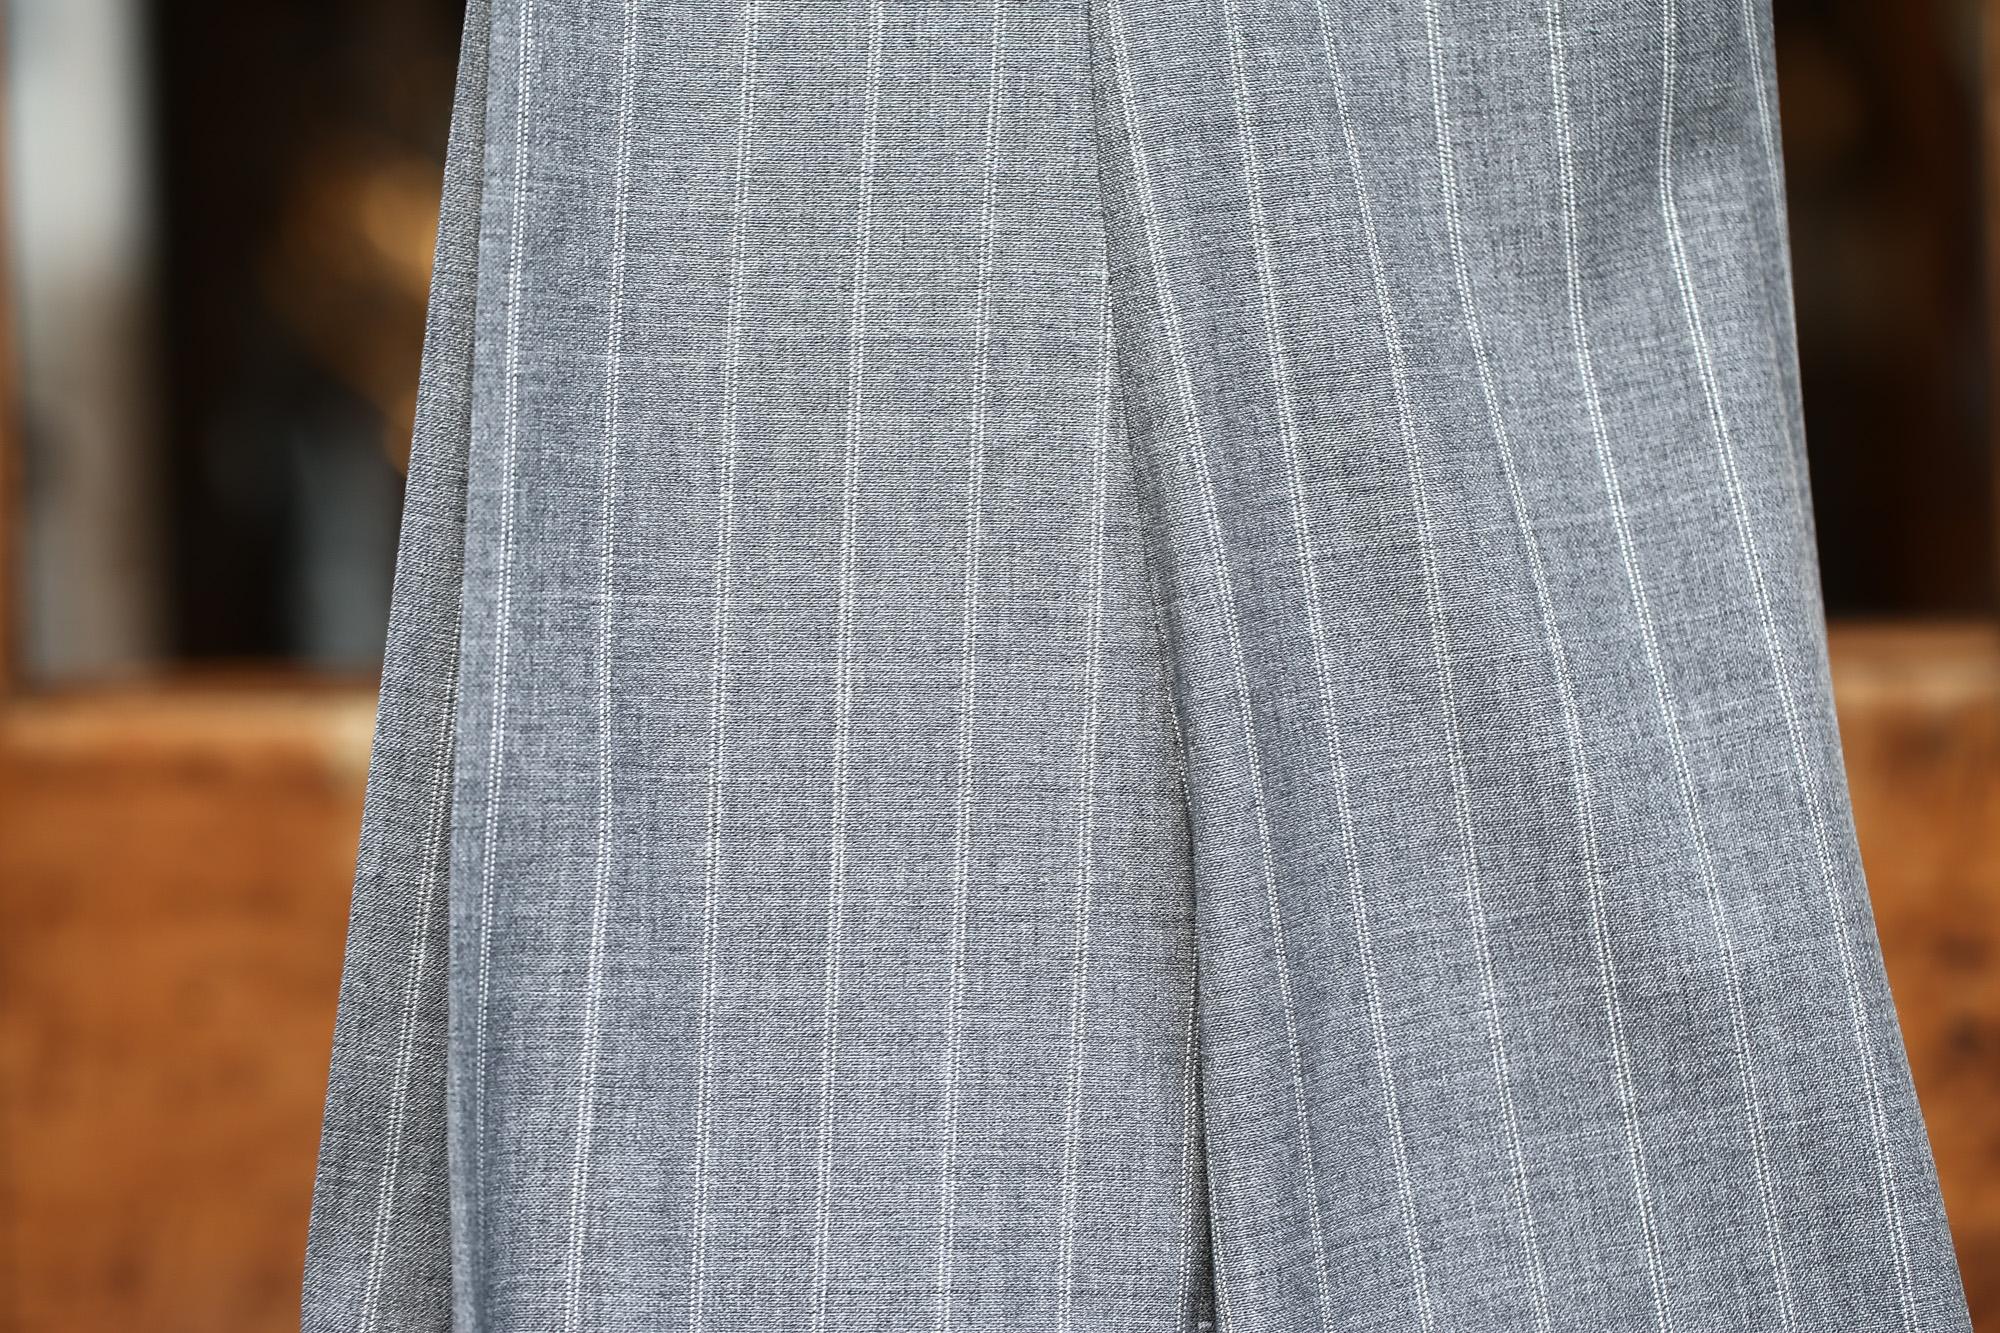 LARDINI (ラルディーニ) SARTORIA (サルトリア) トロピカル サマーウール 段返り3B ダブルピンストライプ スーツ GRAY (グレー・1) 2018 春夏新作 lardini 愛知 名古屋 Alto e Diritto アルト エ デリット スーツ ジャケット